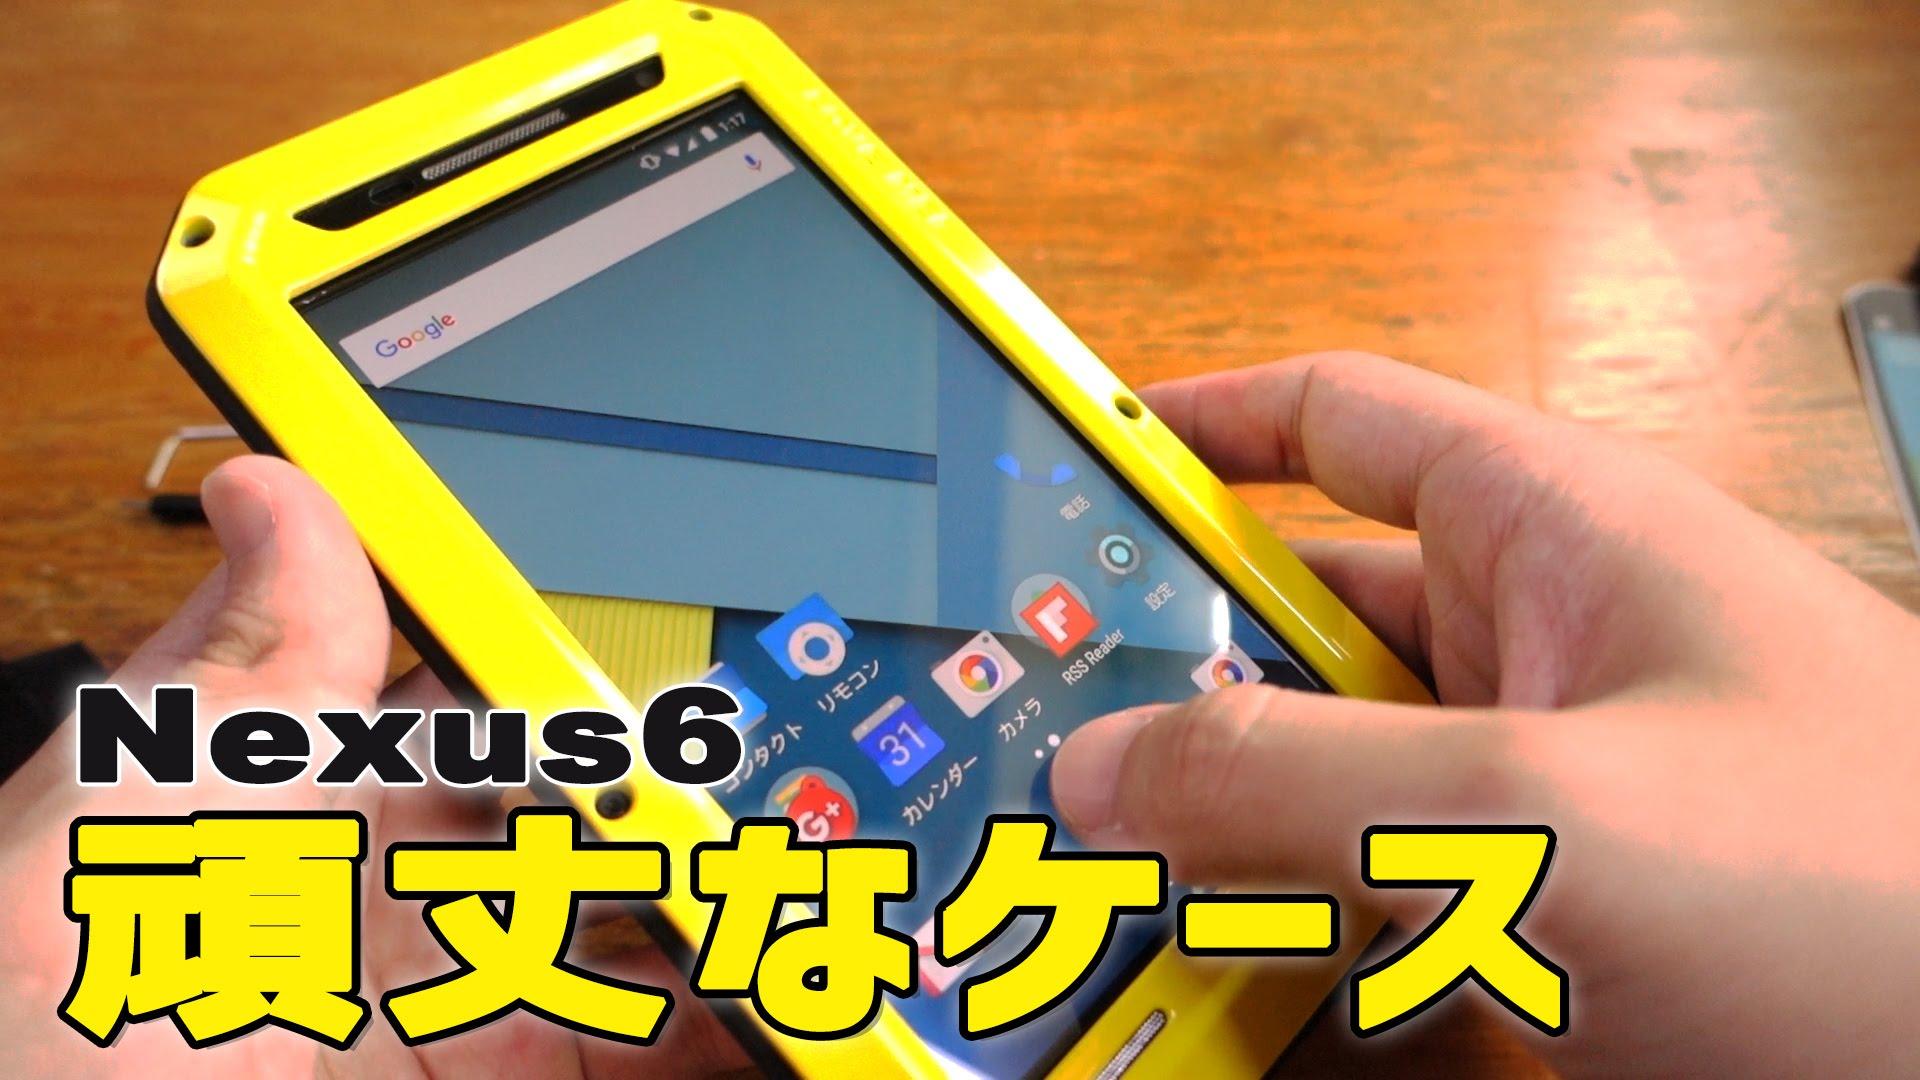 【頑丈ケース】Love Mei Powerful Case for Google Nexus 6